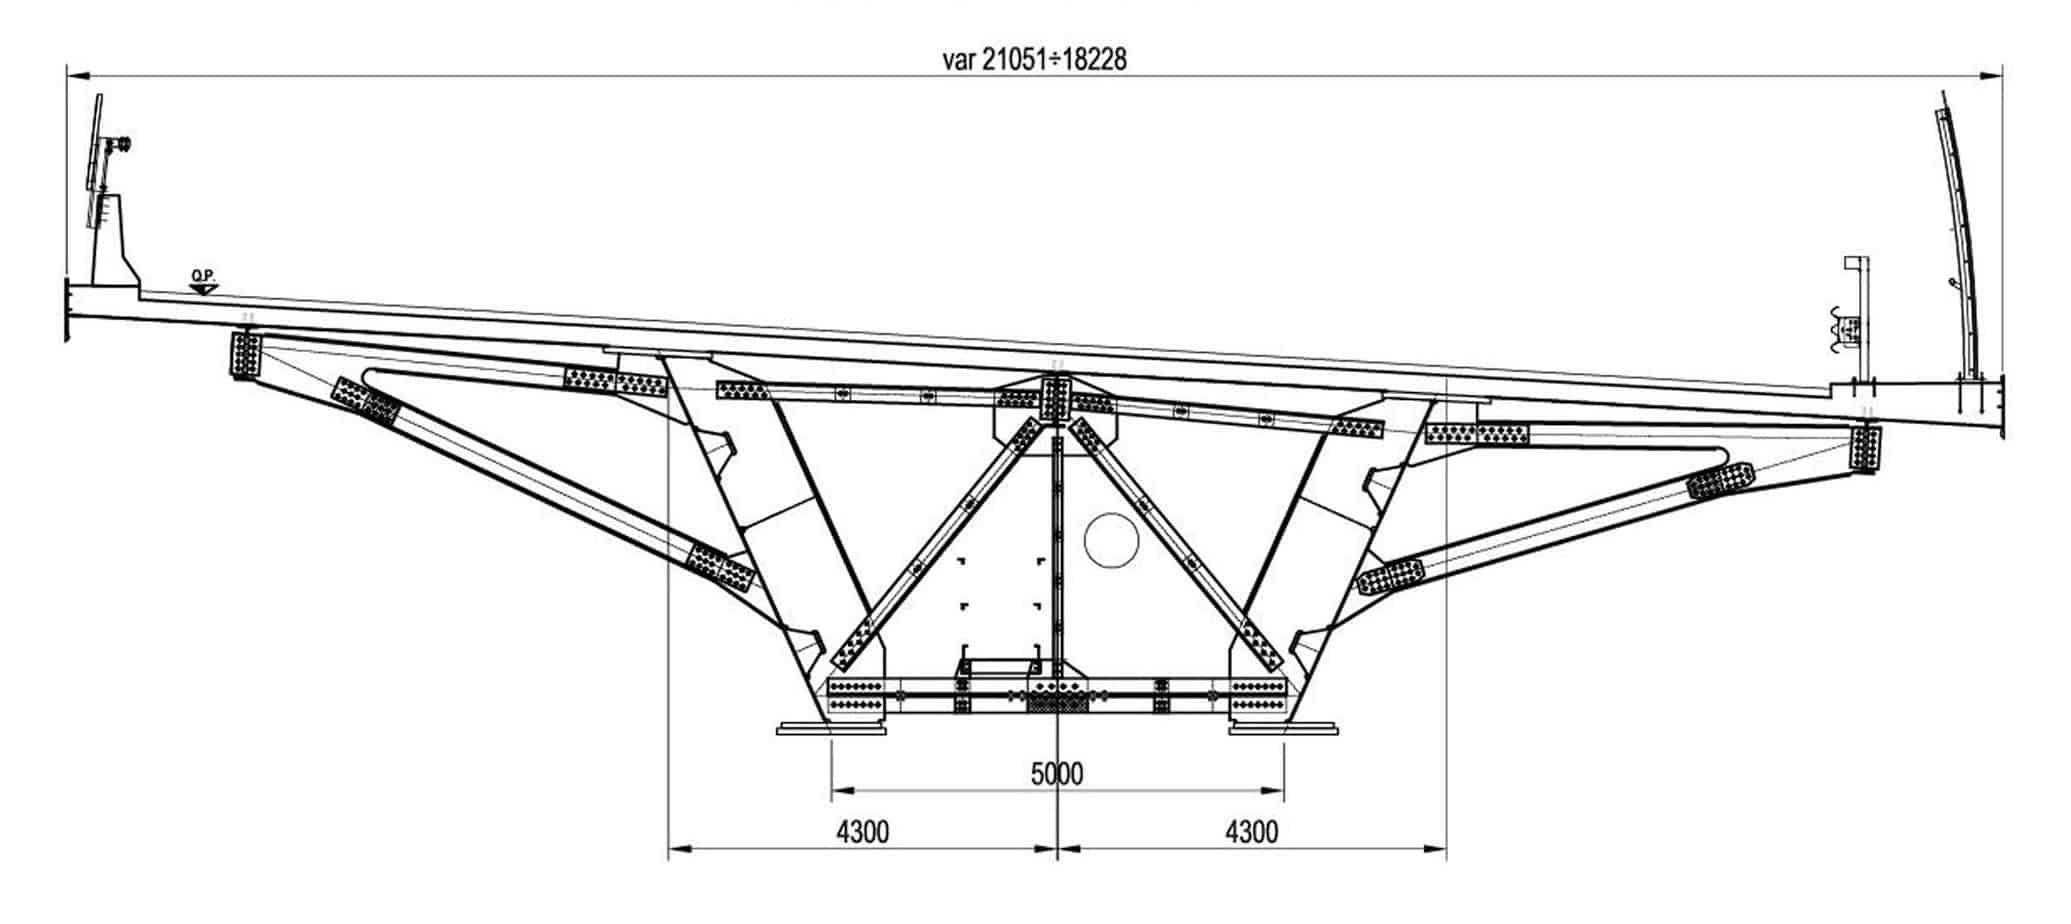 La sezione strutturale degli impalcati della A58: la sezione trasversale VI005